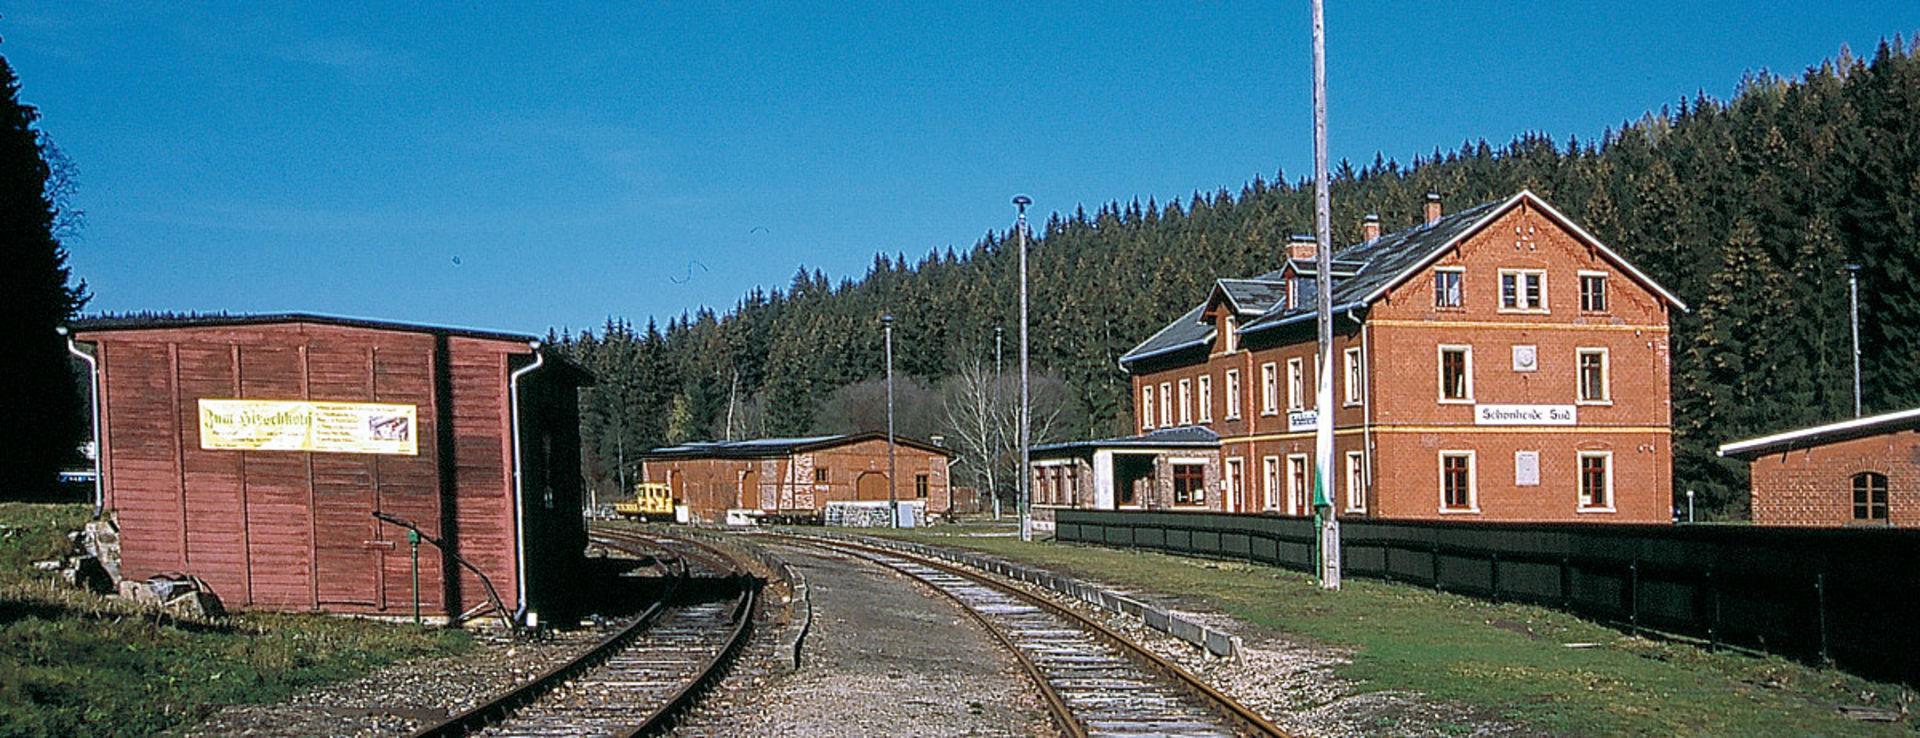 Bahnhof Schönheide Süd.  © Rotkopf Görg Verlagsgesellschaft mbH - A Linz